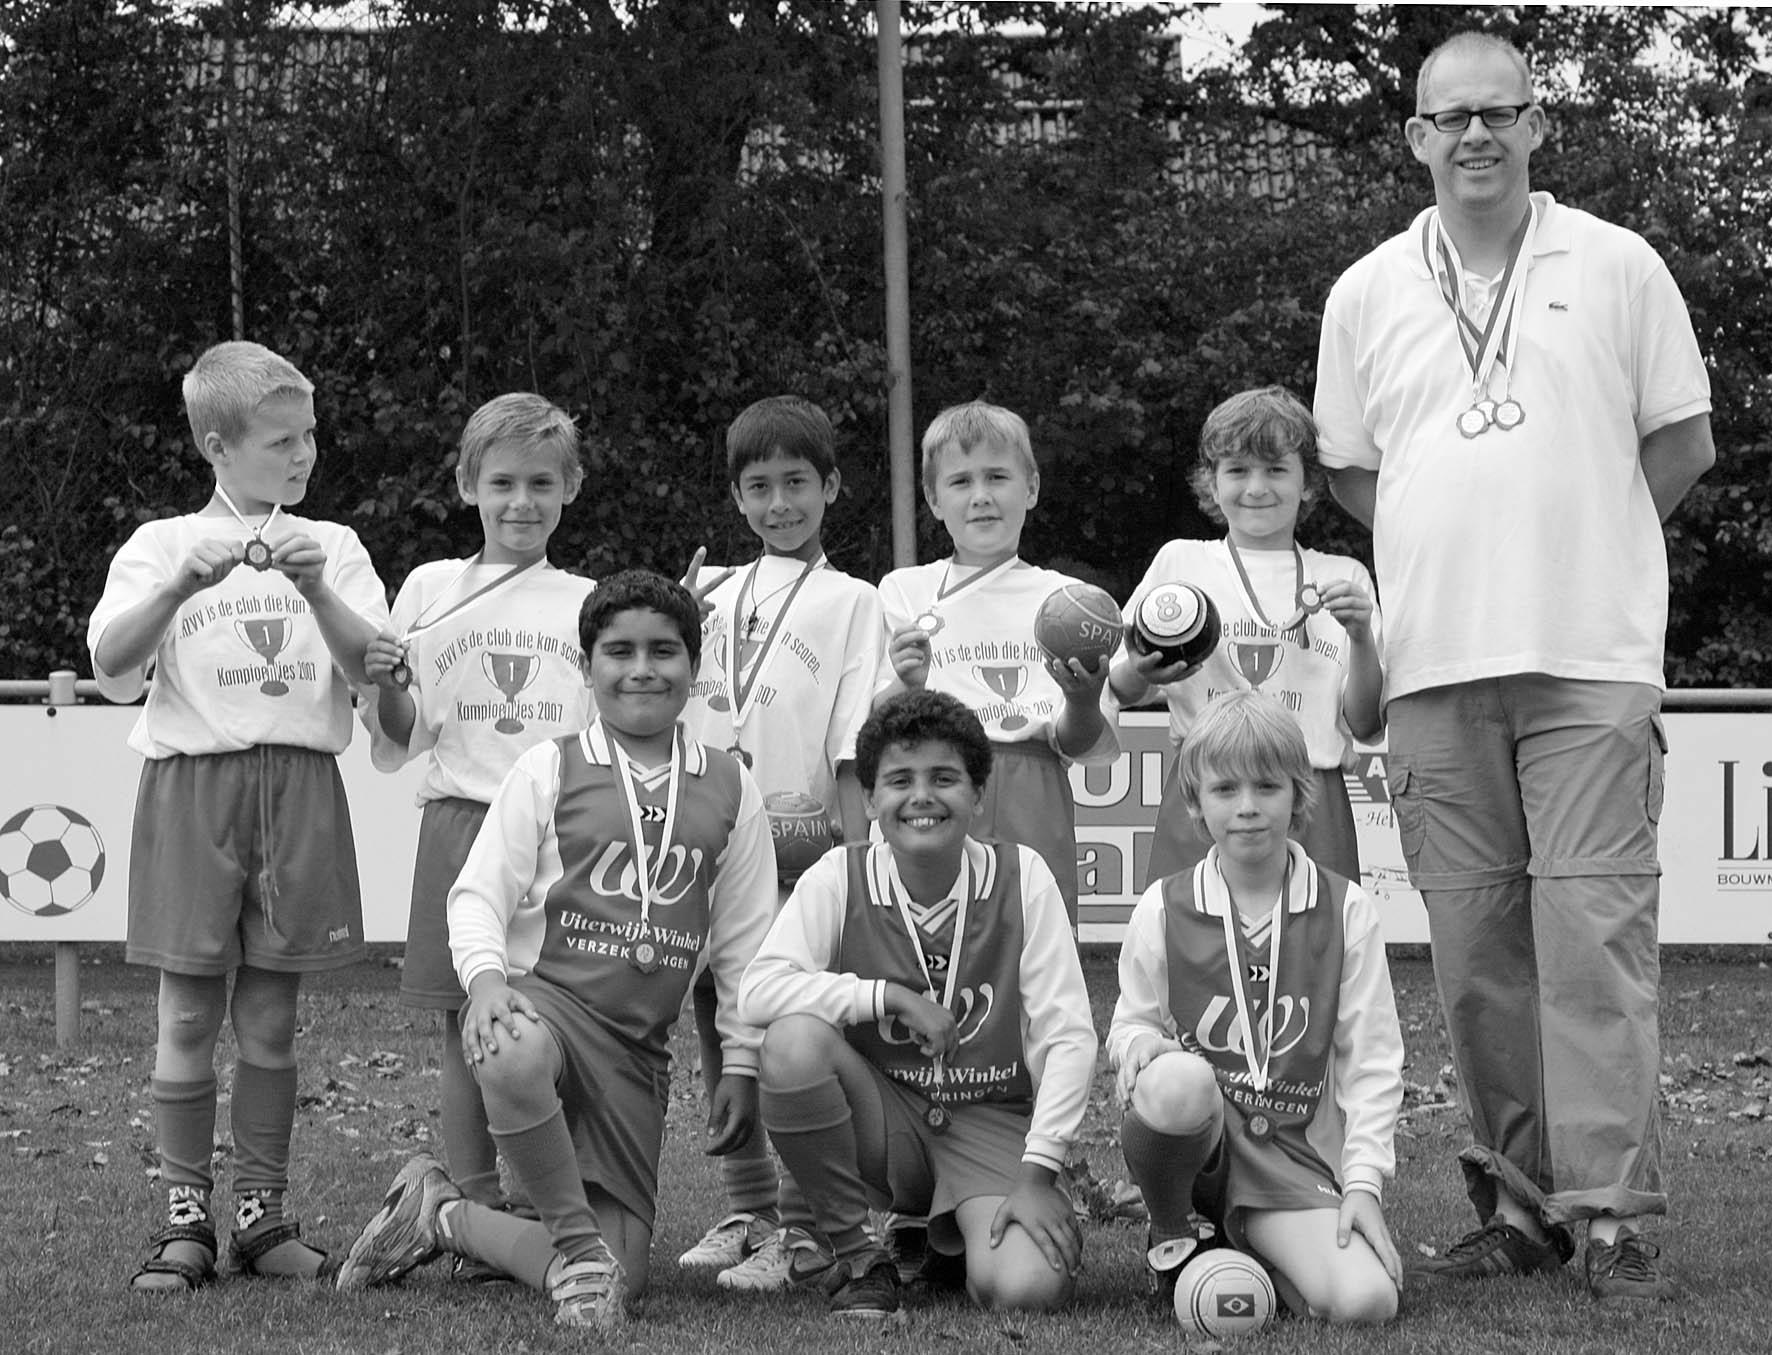 De coach geroerd (sept. 2007)